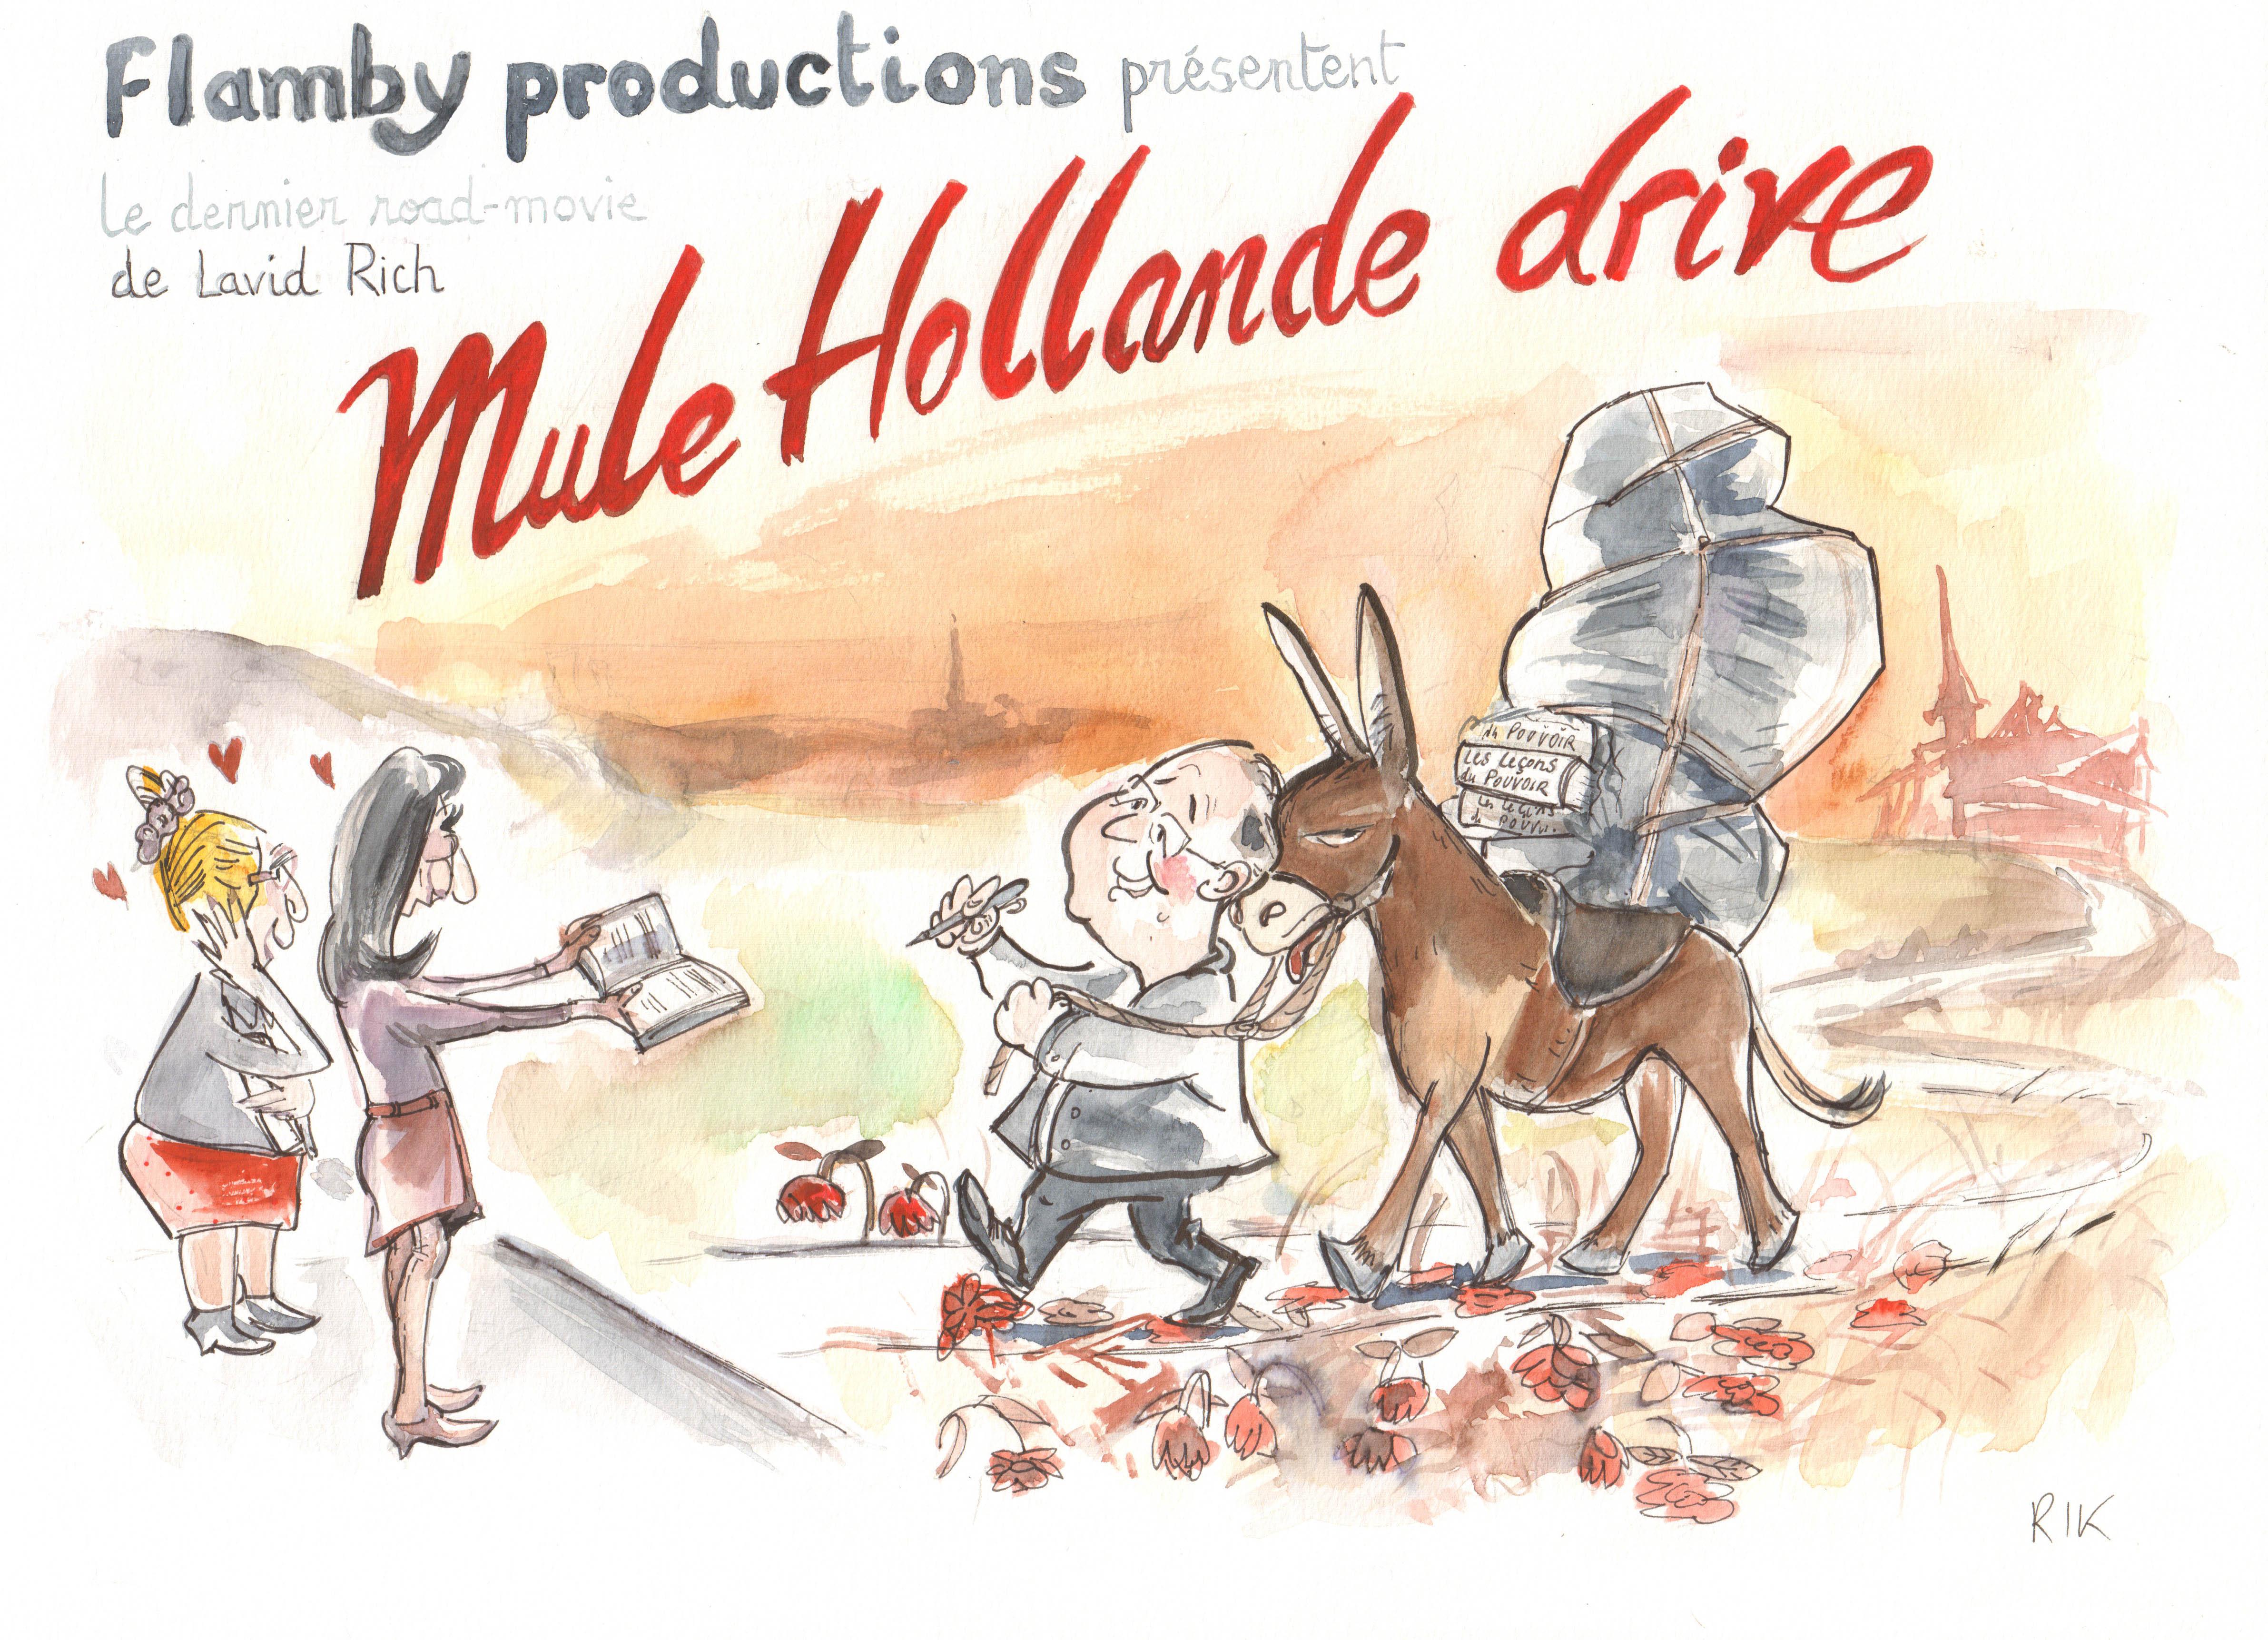 mule hollande drive